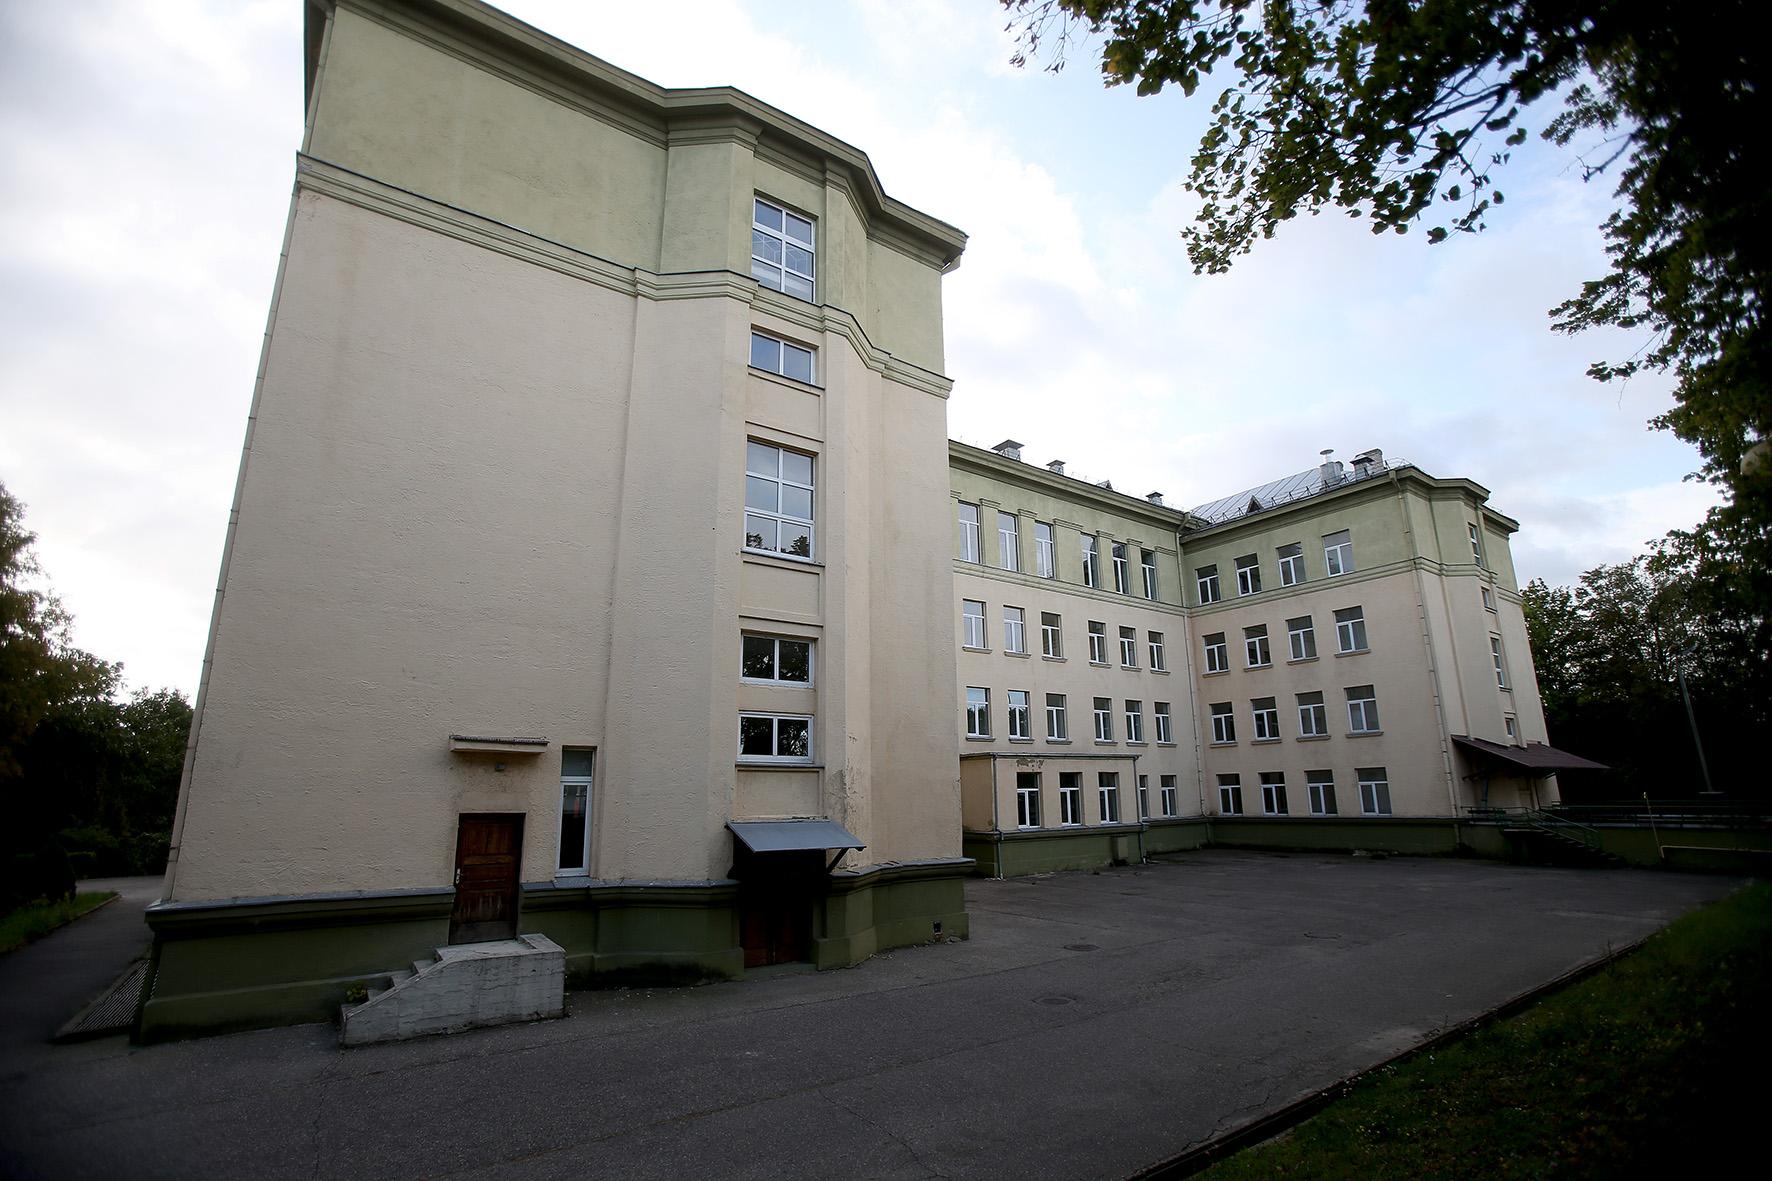 Pastatas, kuriame buvo įsikūręs Kauno kolegijai priklausęs Kėdainių Jonušo Radvilos studijų centras, šiuo metu įtrauktas į parduodamo turto sąrašą./ Algimanto Barzdžiaus nuotr.